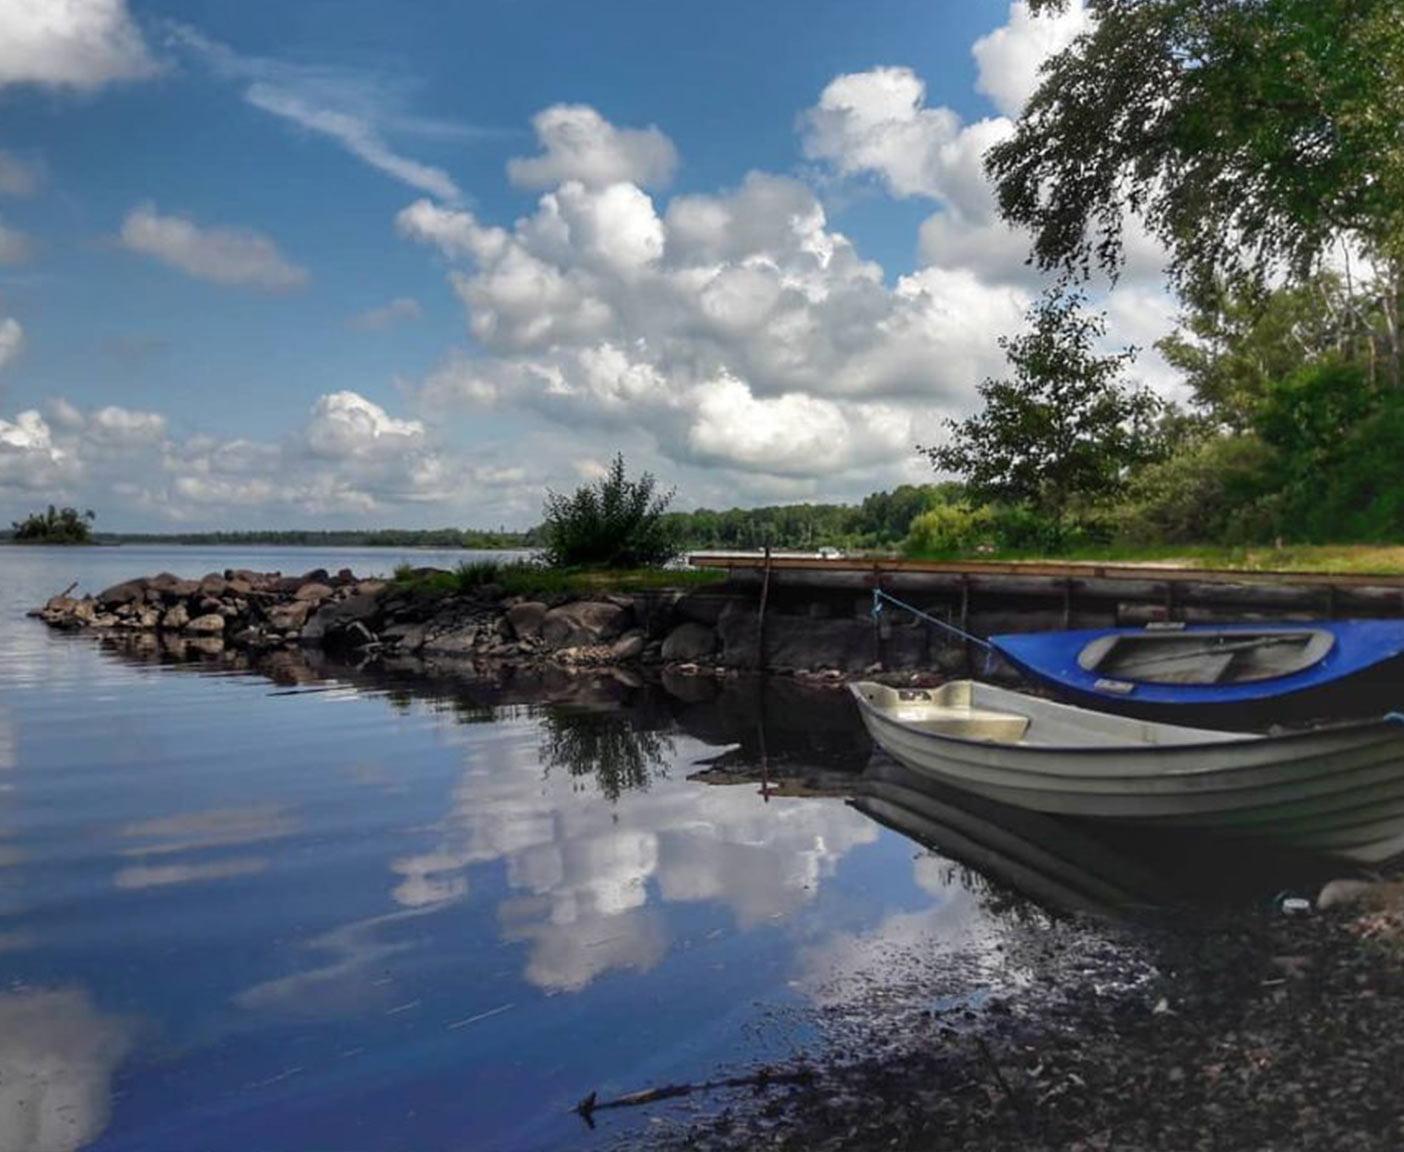 Schweden-reise-wohnmobil-skandinavien-norwegen-bericht-route-wetter